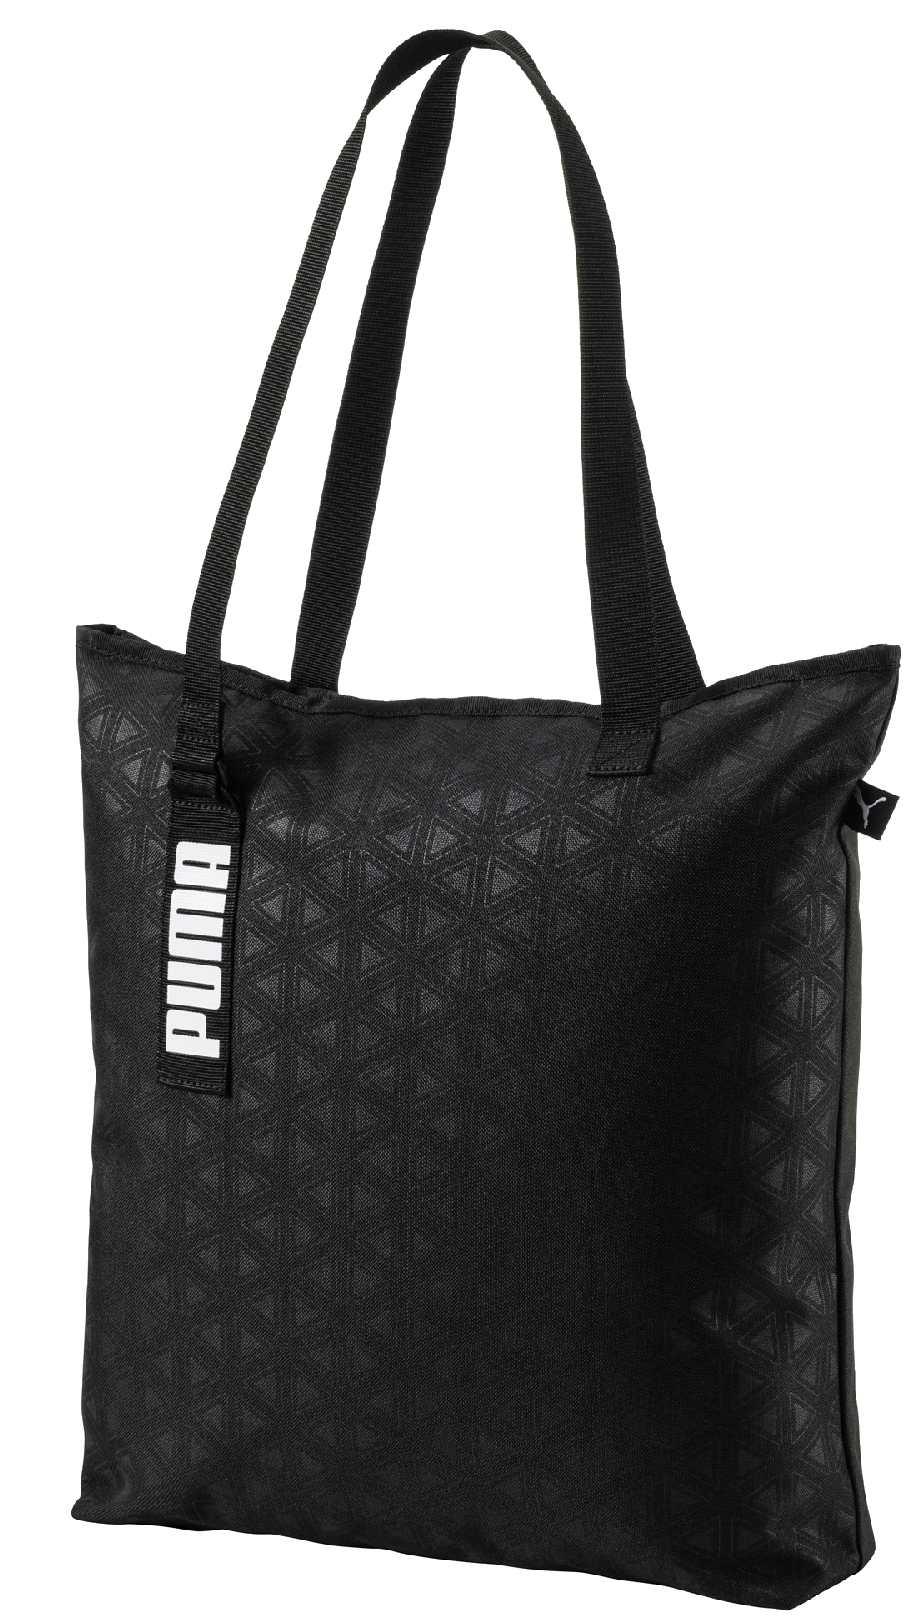 0ebd1dde53816 Puma CORE ACTIVE SHOPPER. Bag